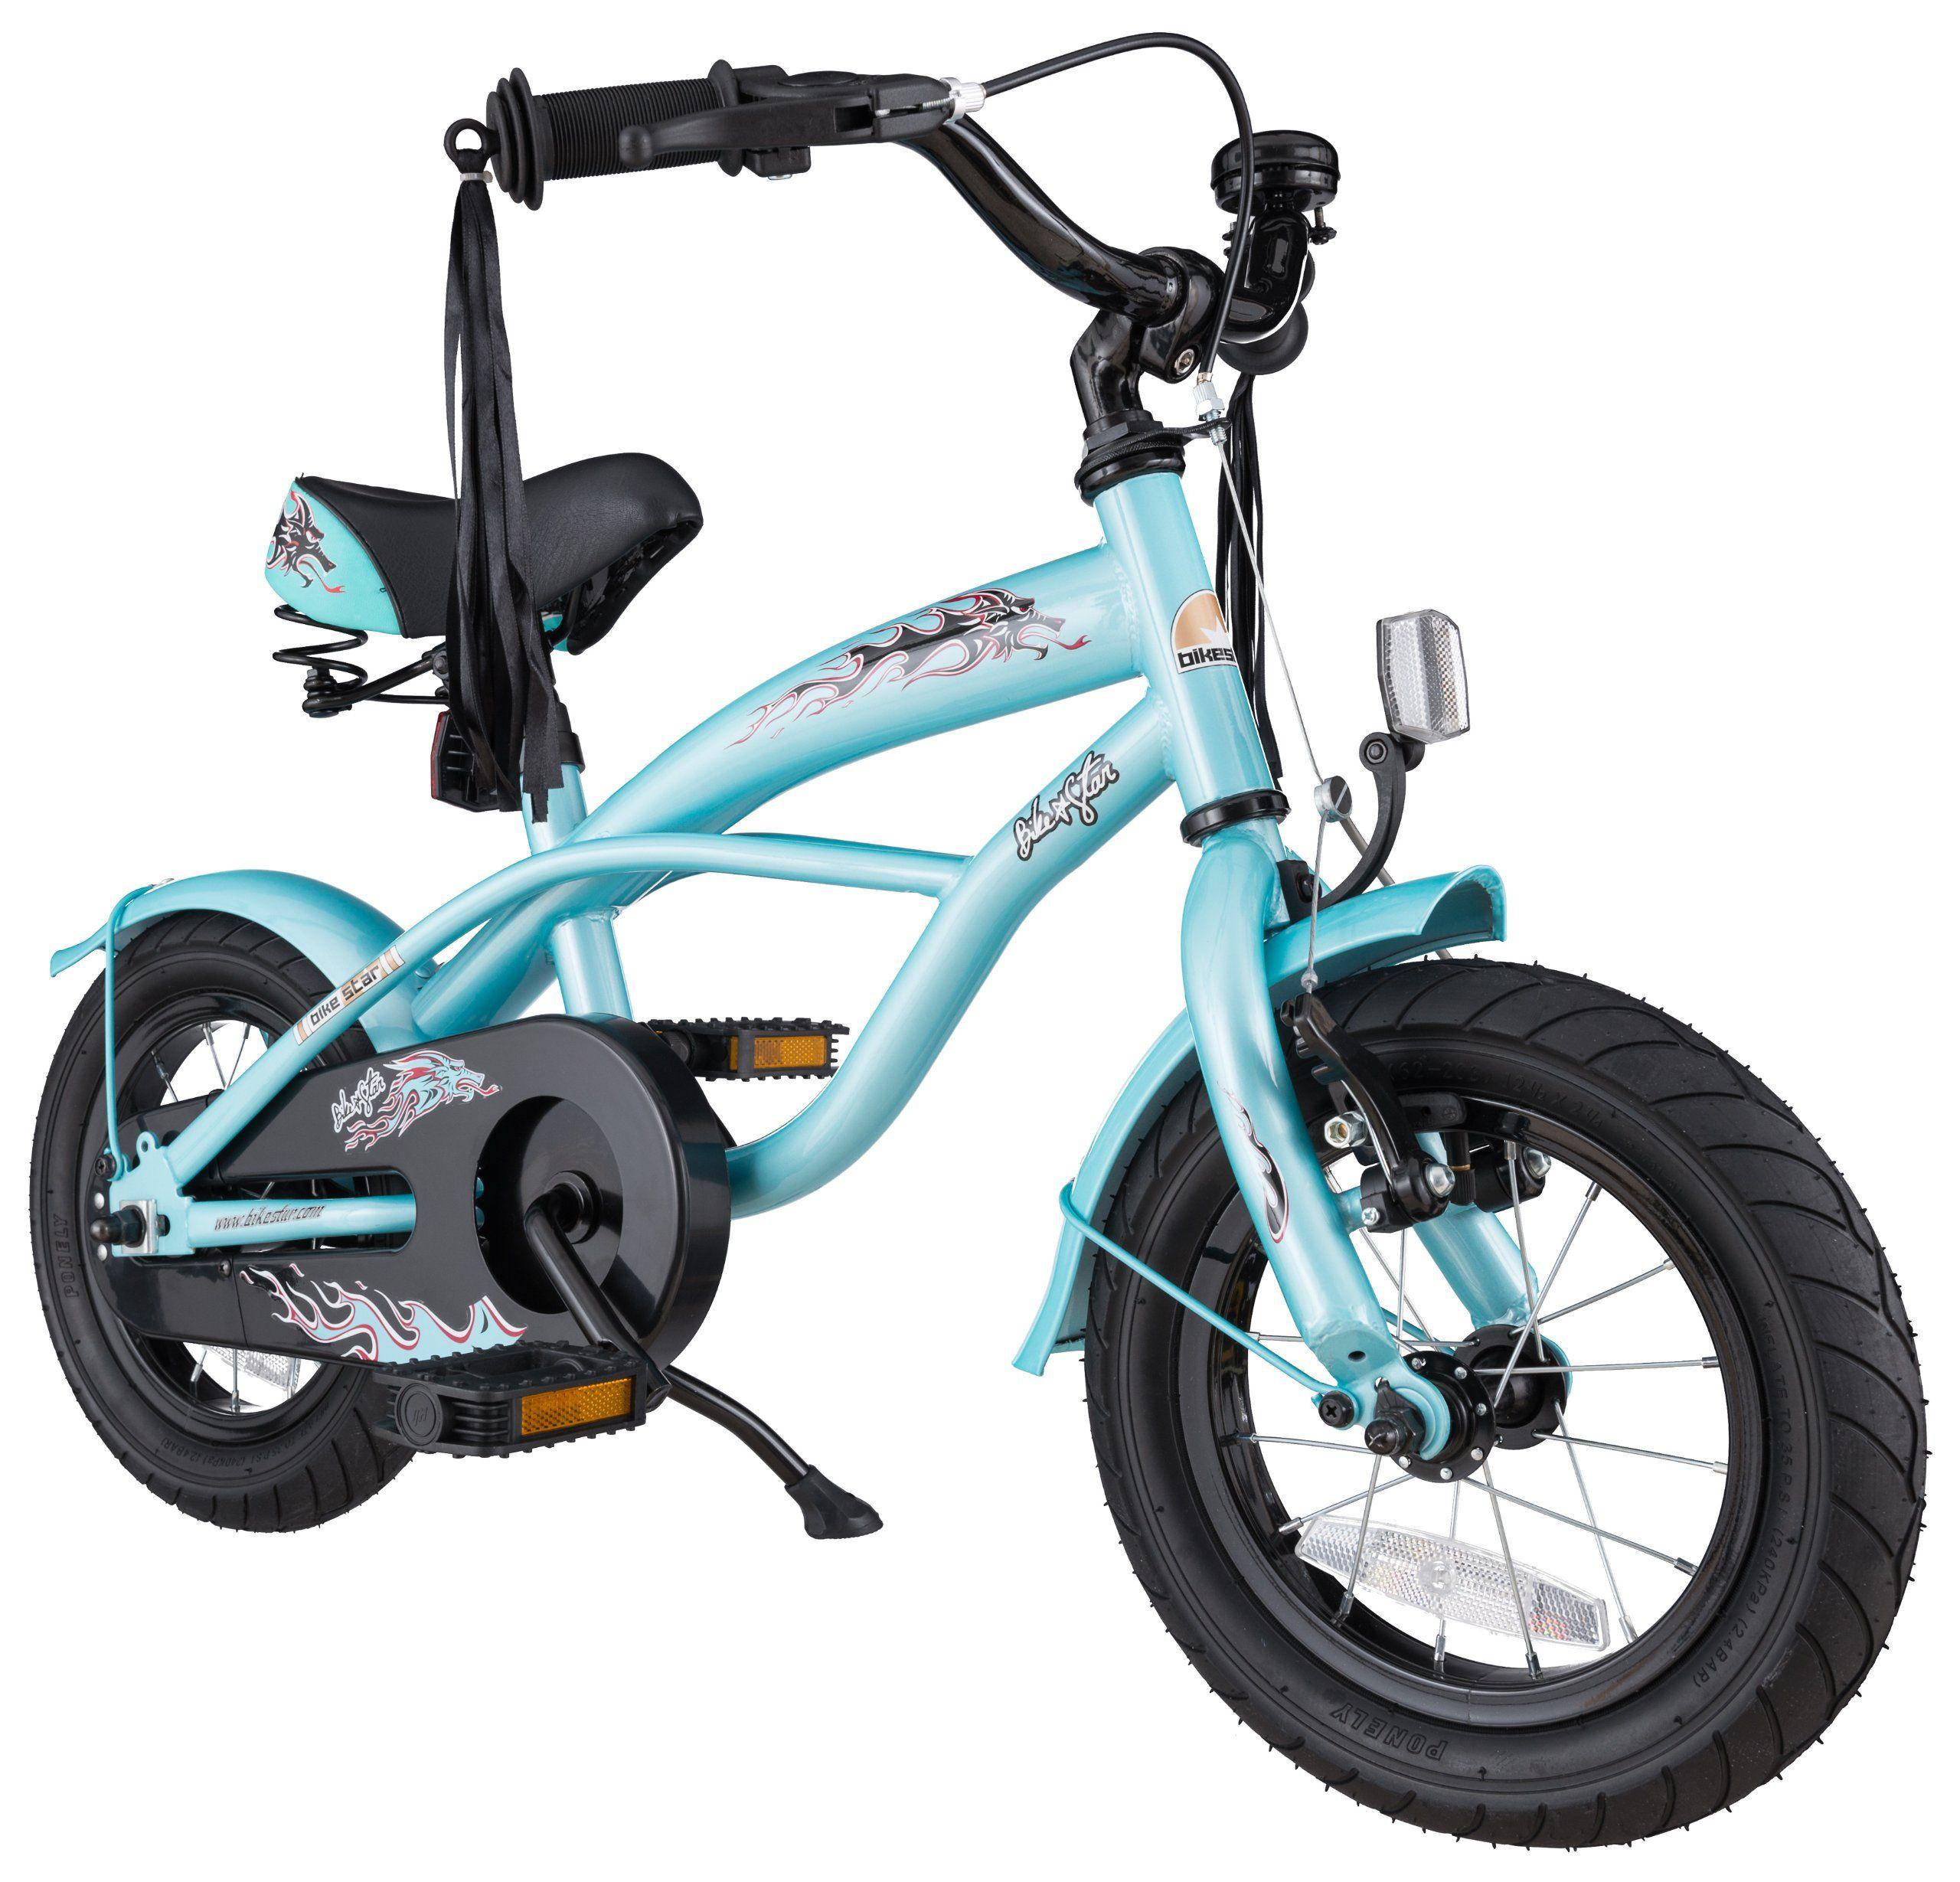 eeec46fada154 bike*star 30.5cm (12 pouces) Vélo pour enfants Cruiser - Couleur Bleu